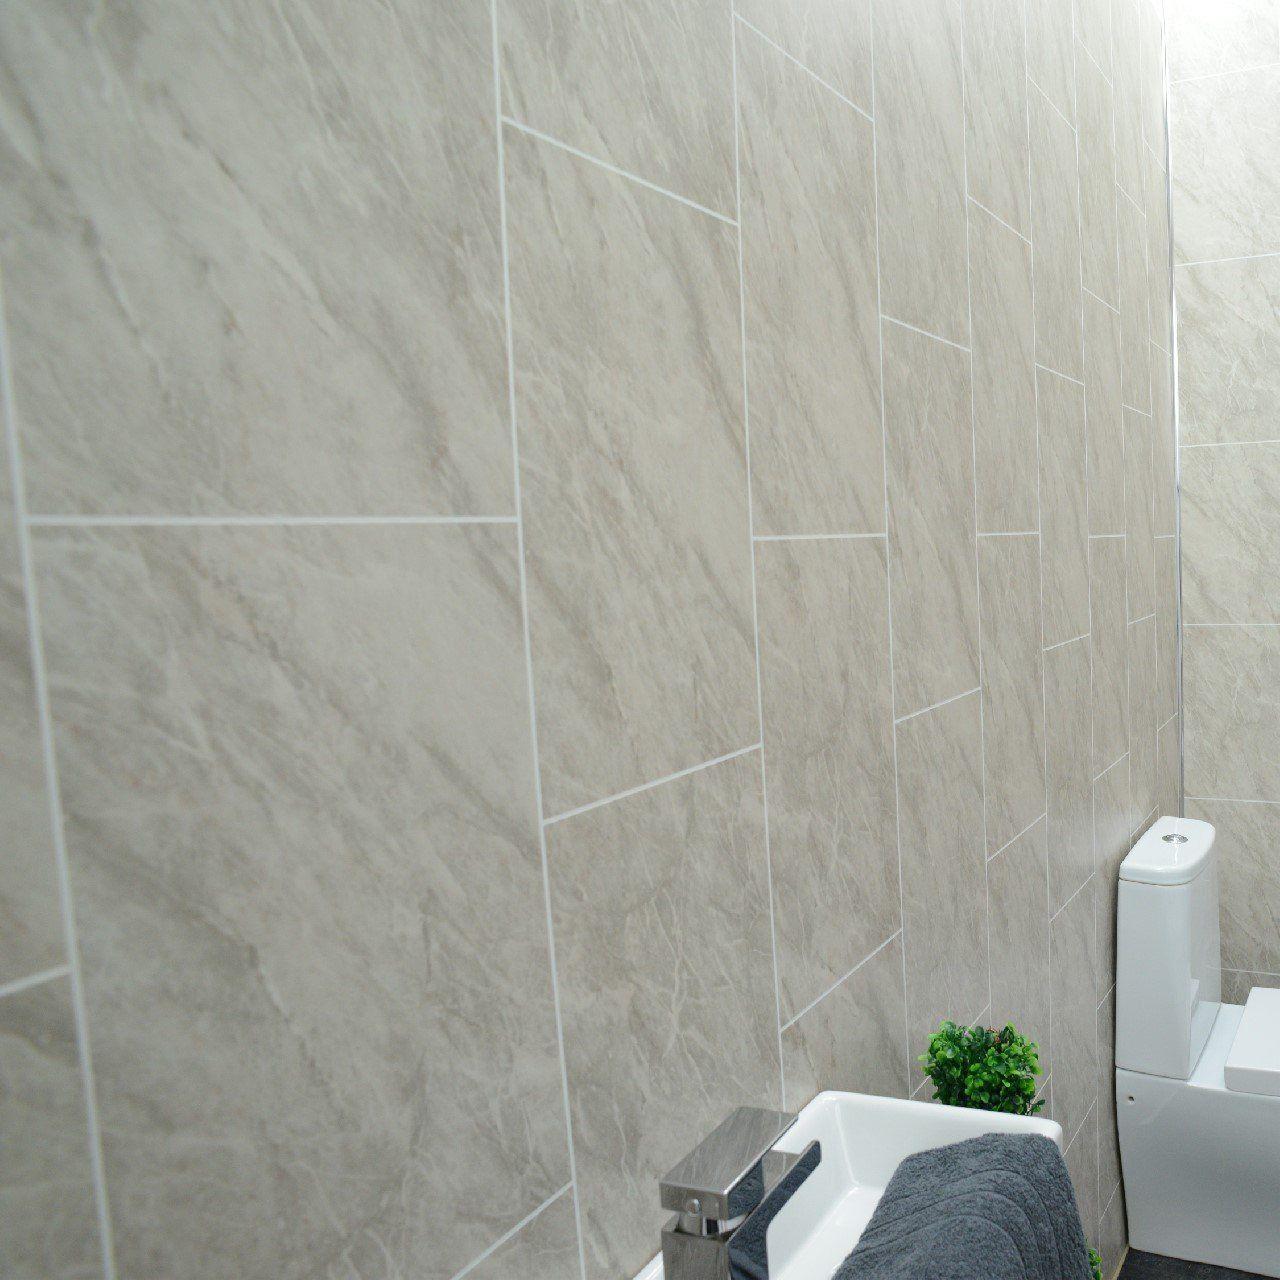 Tile Effect Bathroom Wall Panels Uk Check More At Http Www Arch20 Club 2017 06 24 Tile Effect Bathroom Wall Shower Wall Panels Bathroom Wall Panels Cladding